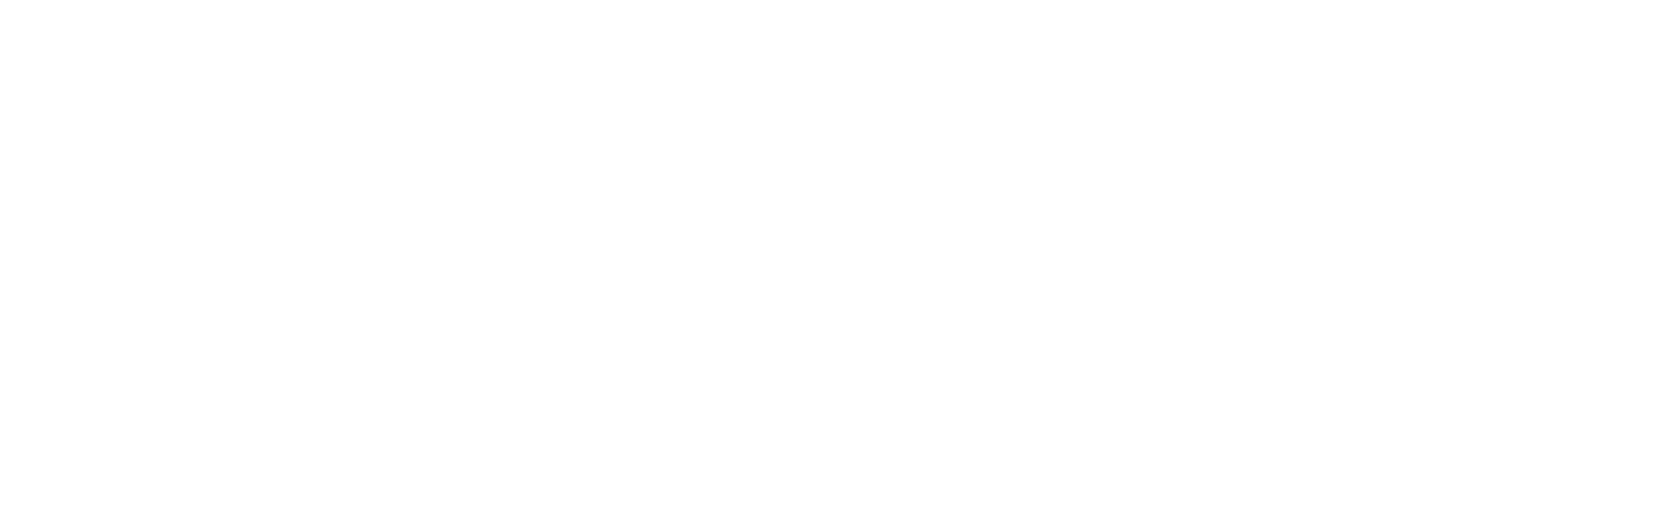 Devil Mountain_Logo - white.png